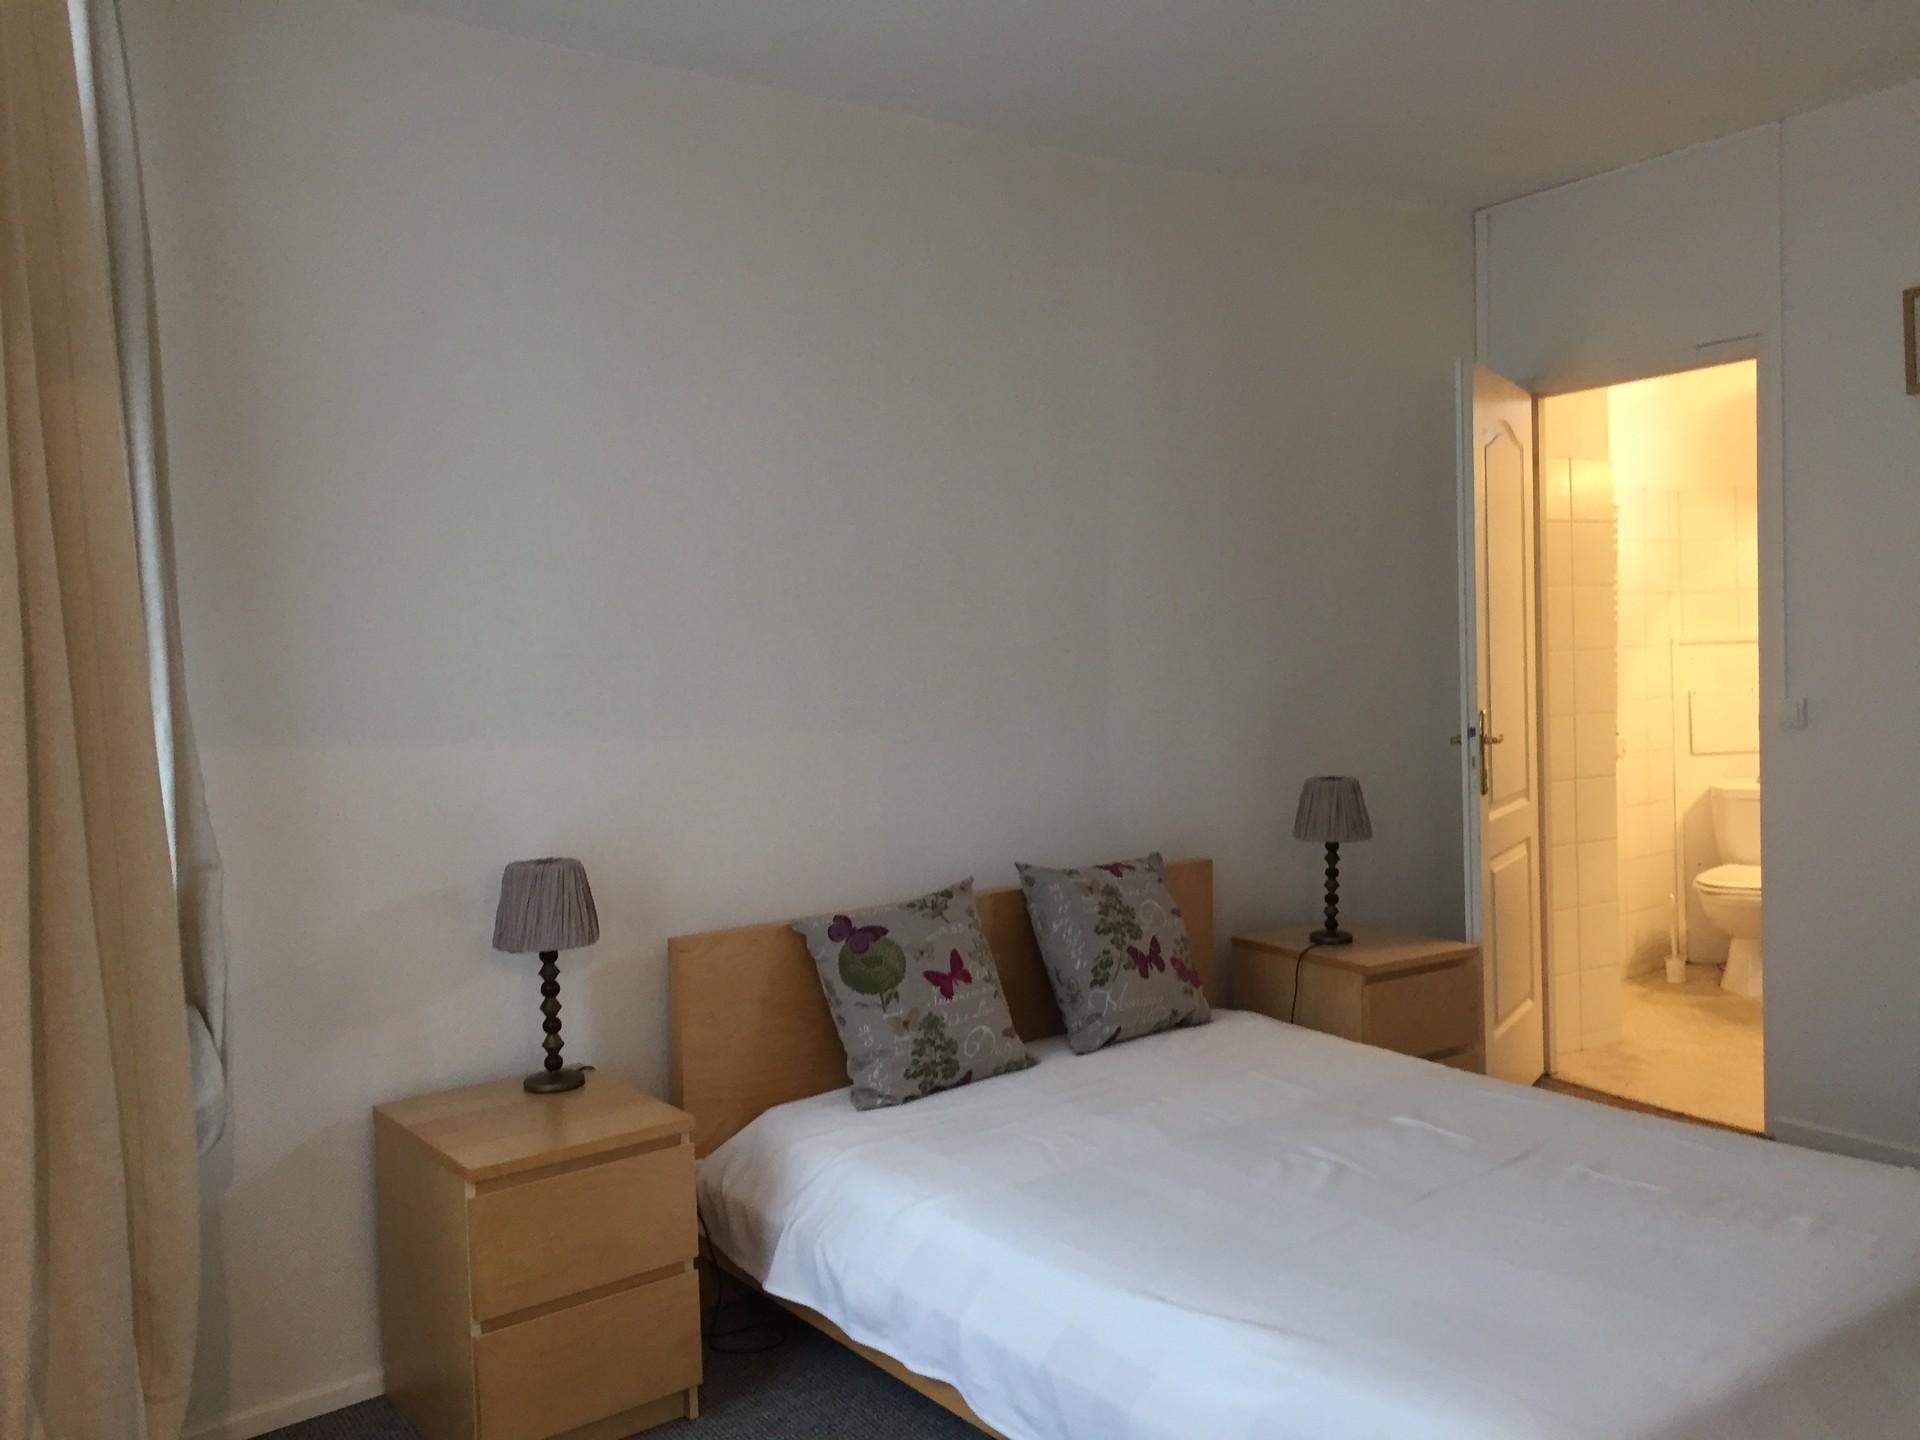 appartement de 41 m2, très lumineux et sur cour intérieure